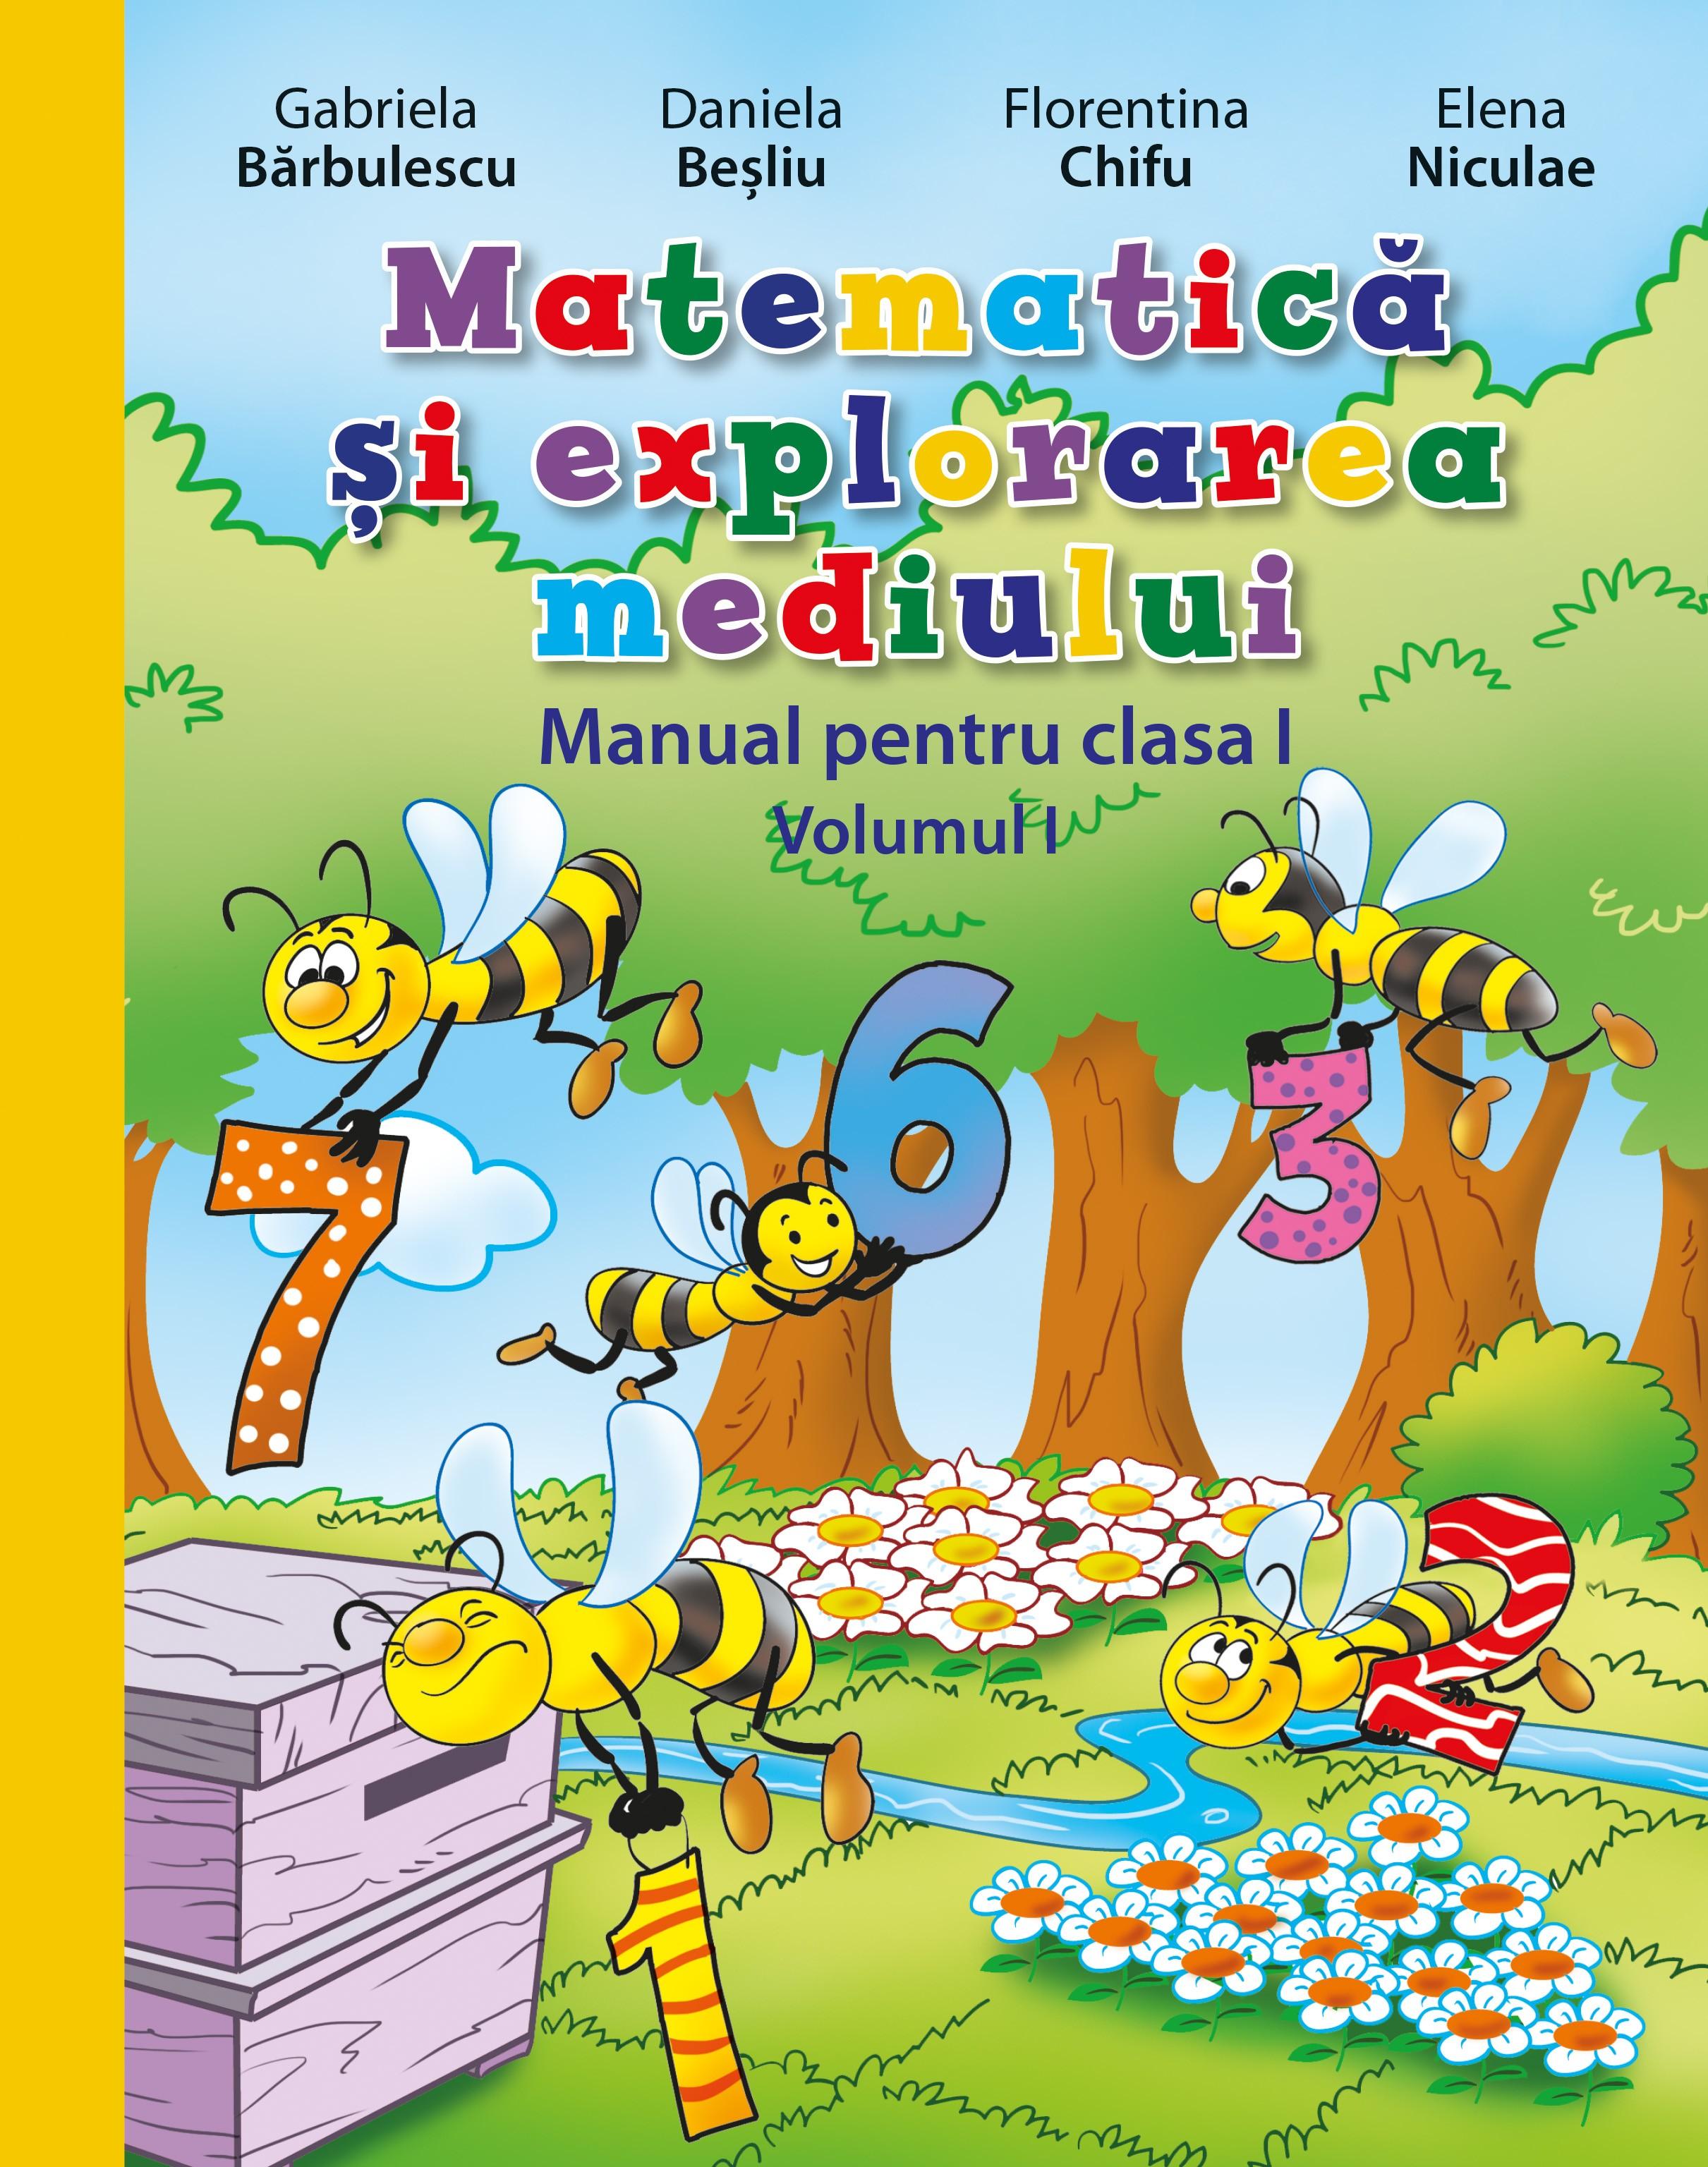 Matematica si explorarea mediului. Manual pentru clasa I, vol.I | Daniela Besliu, Elena Niculae, Florentina Chifu, Gabriela Barbulescu